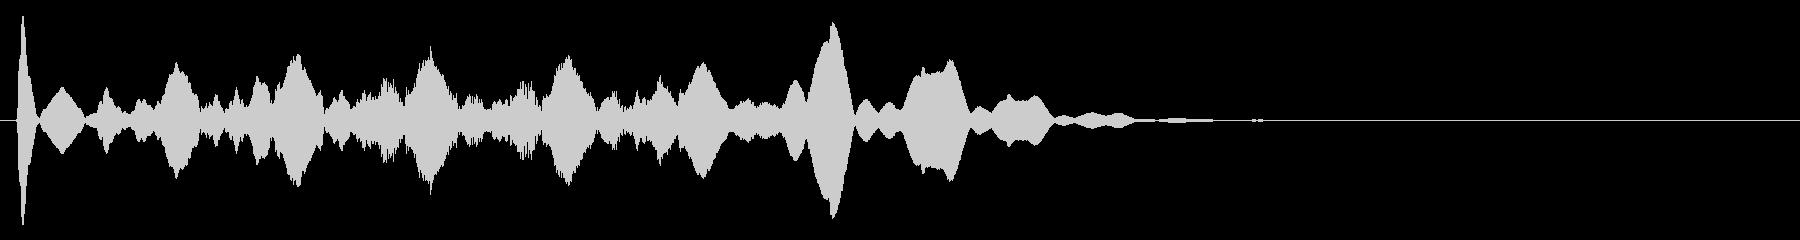 シャラララン(回るようなエフェクト)の未再生の波形